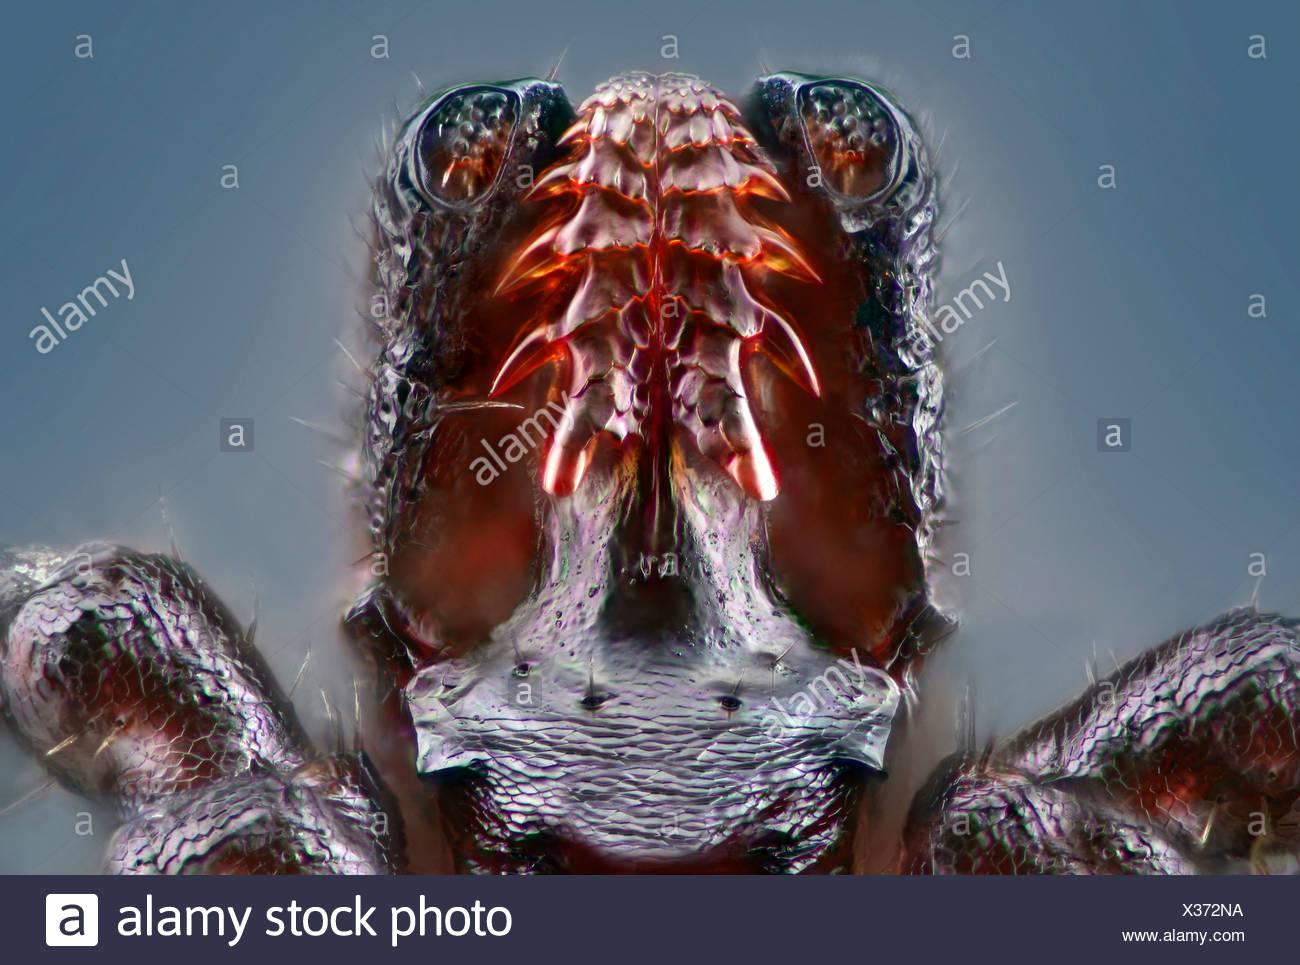 Proboscis Of A Tick Stock Photos & Proboscis Of A Tick Stock Images ...